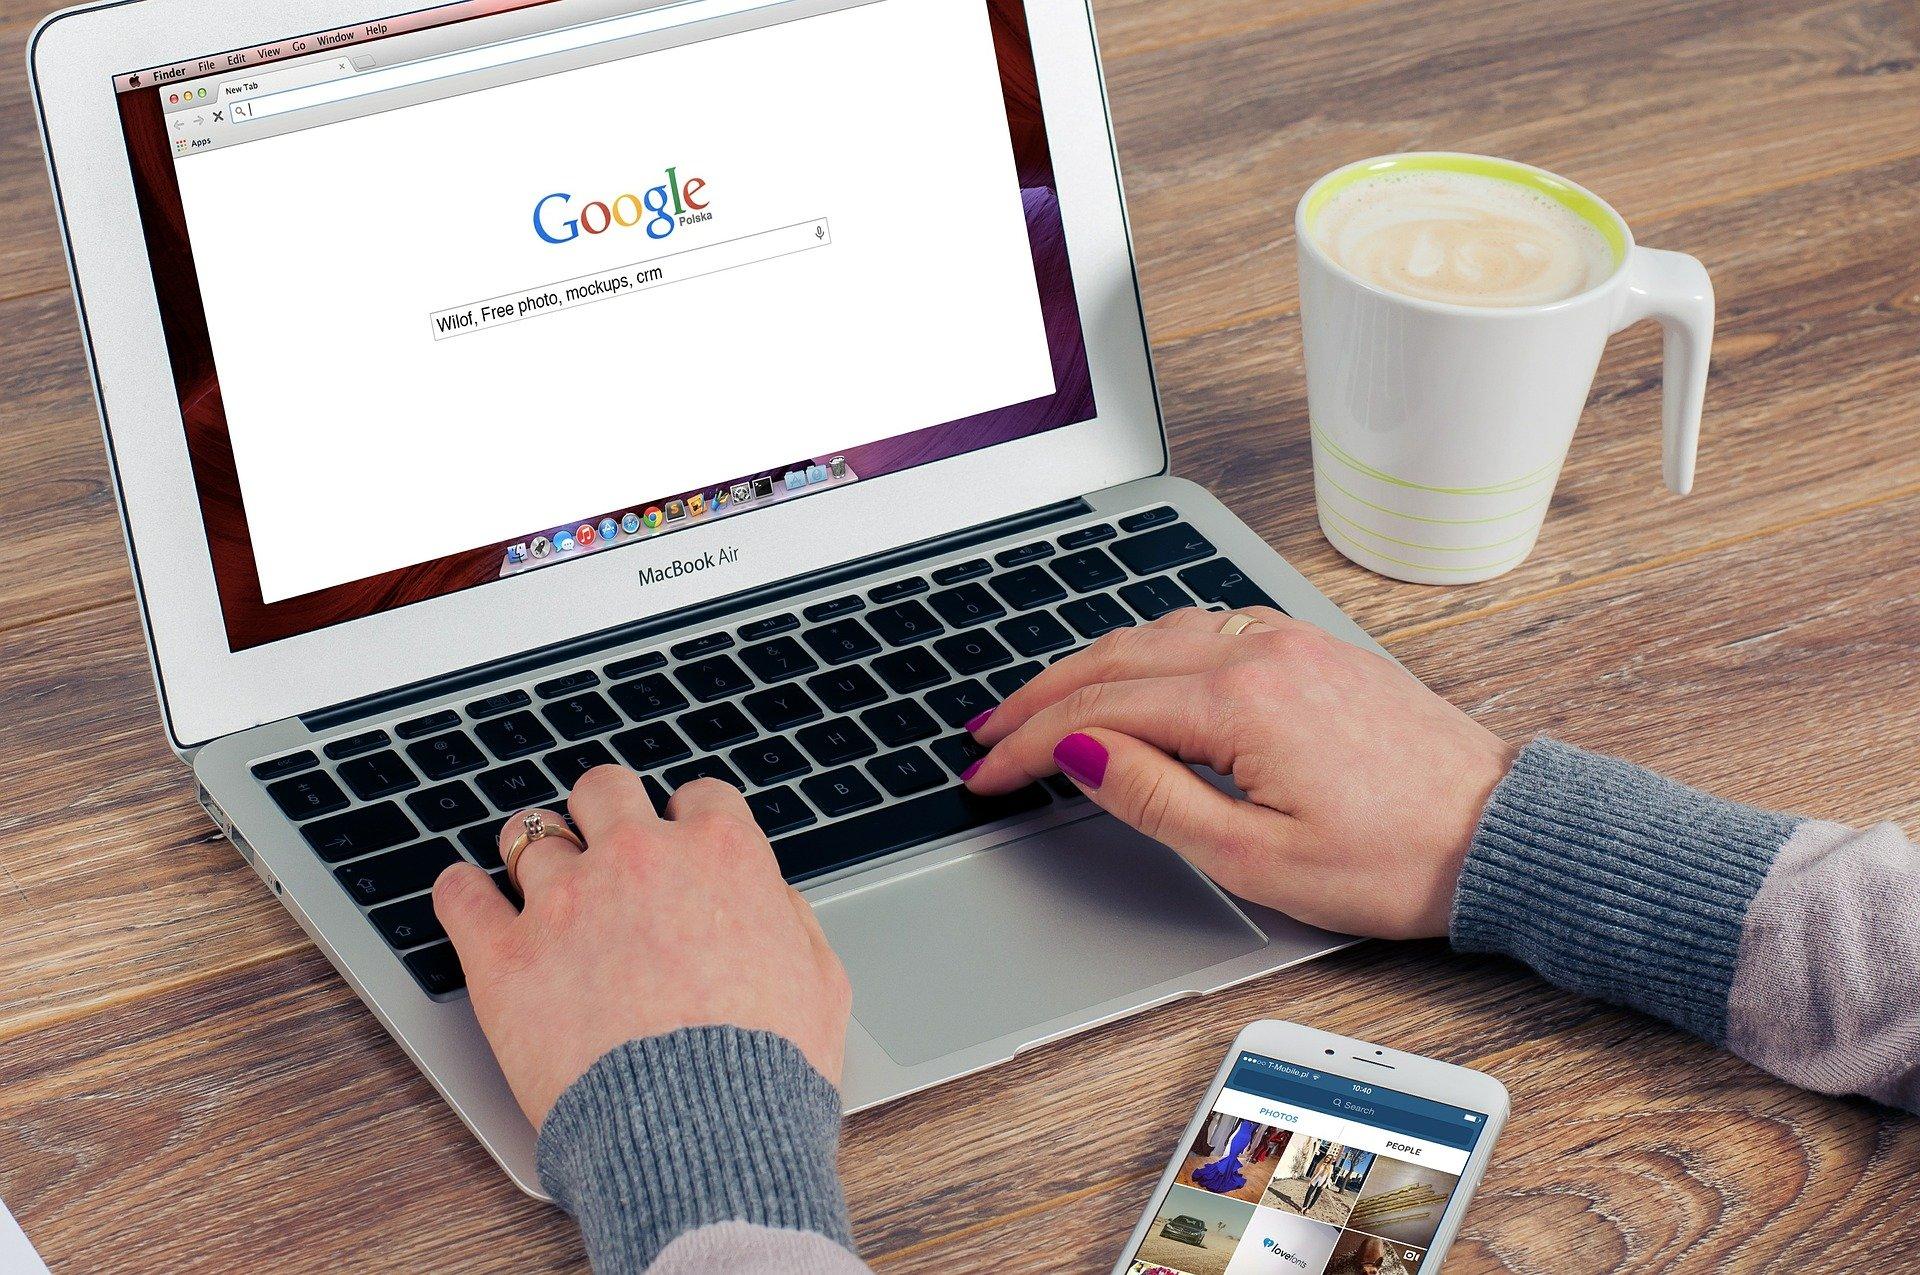 une dame tape une recherche sur un moteur de recherche sur son ordinateur portable